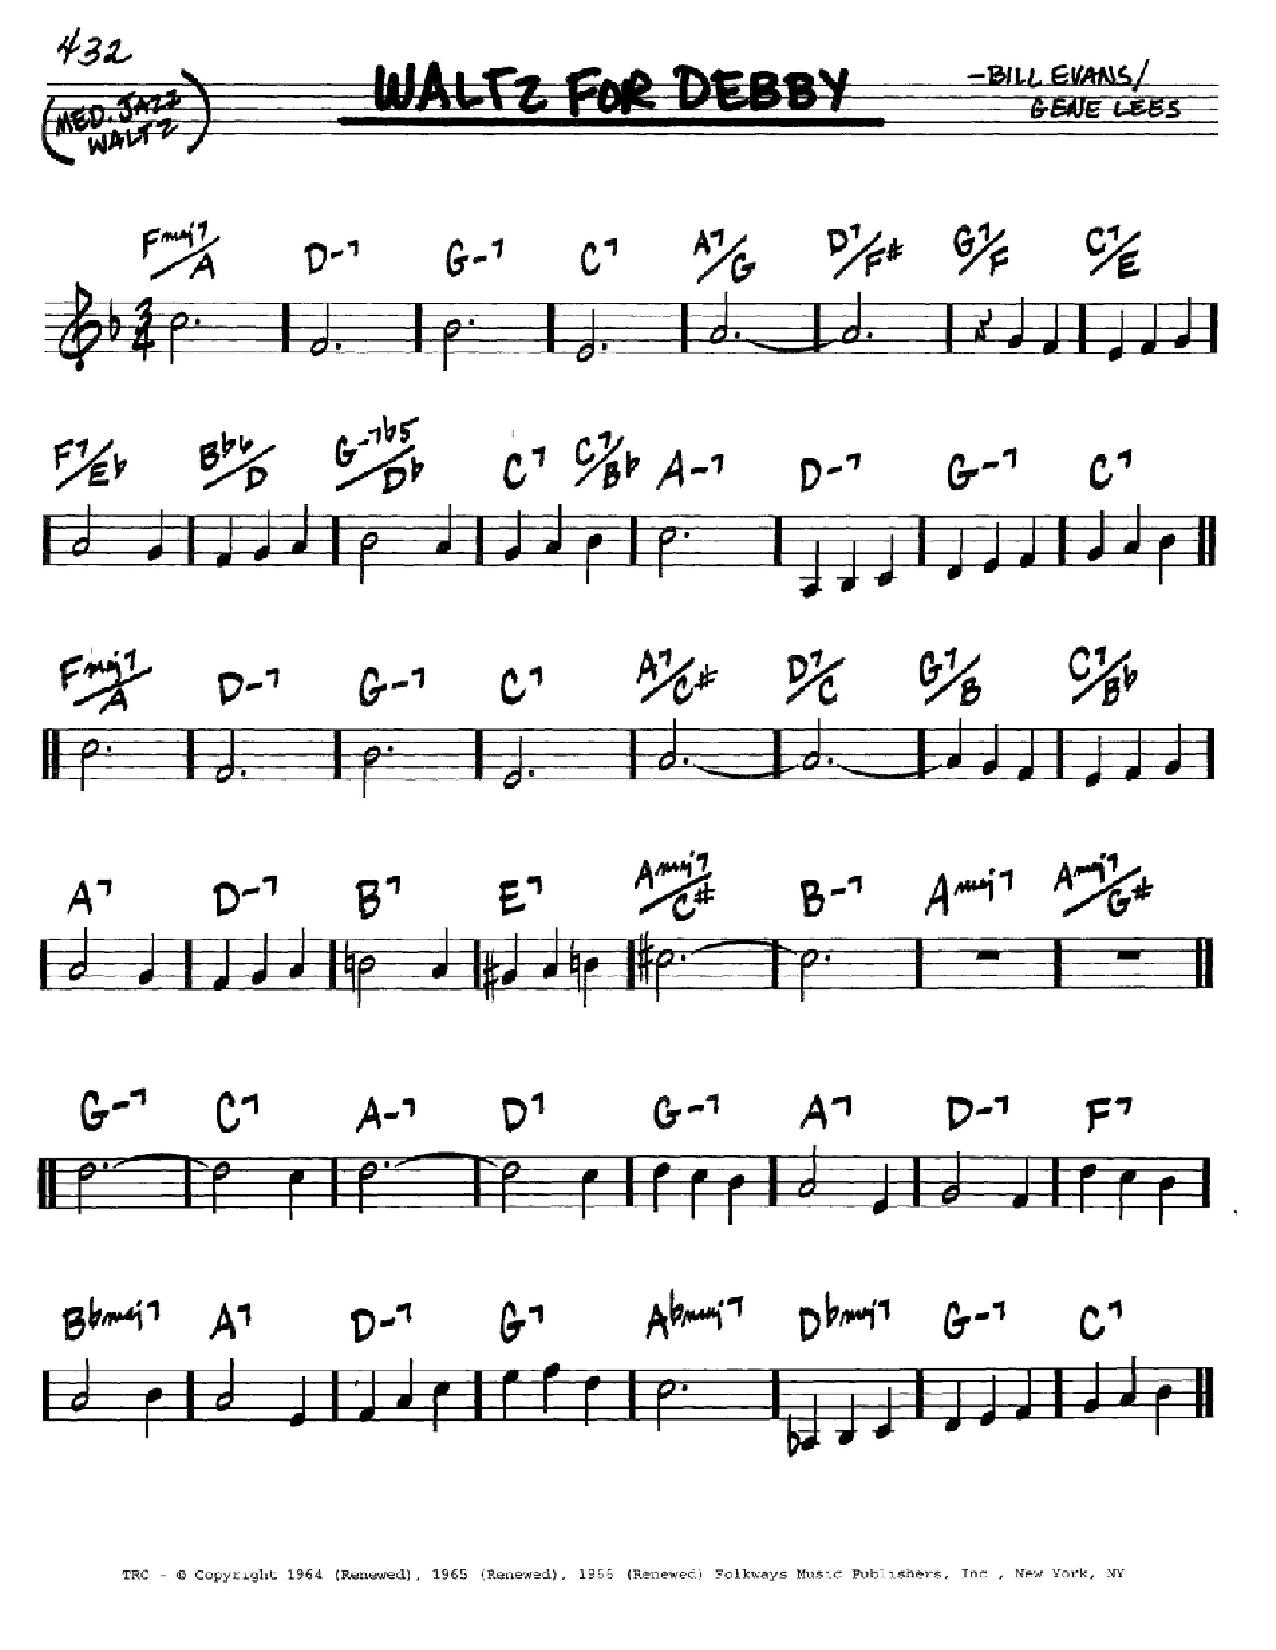 Partition autre Waltz For Debby de Bill Evans - Real Book, Melodie et Accords, Inst. En Do